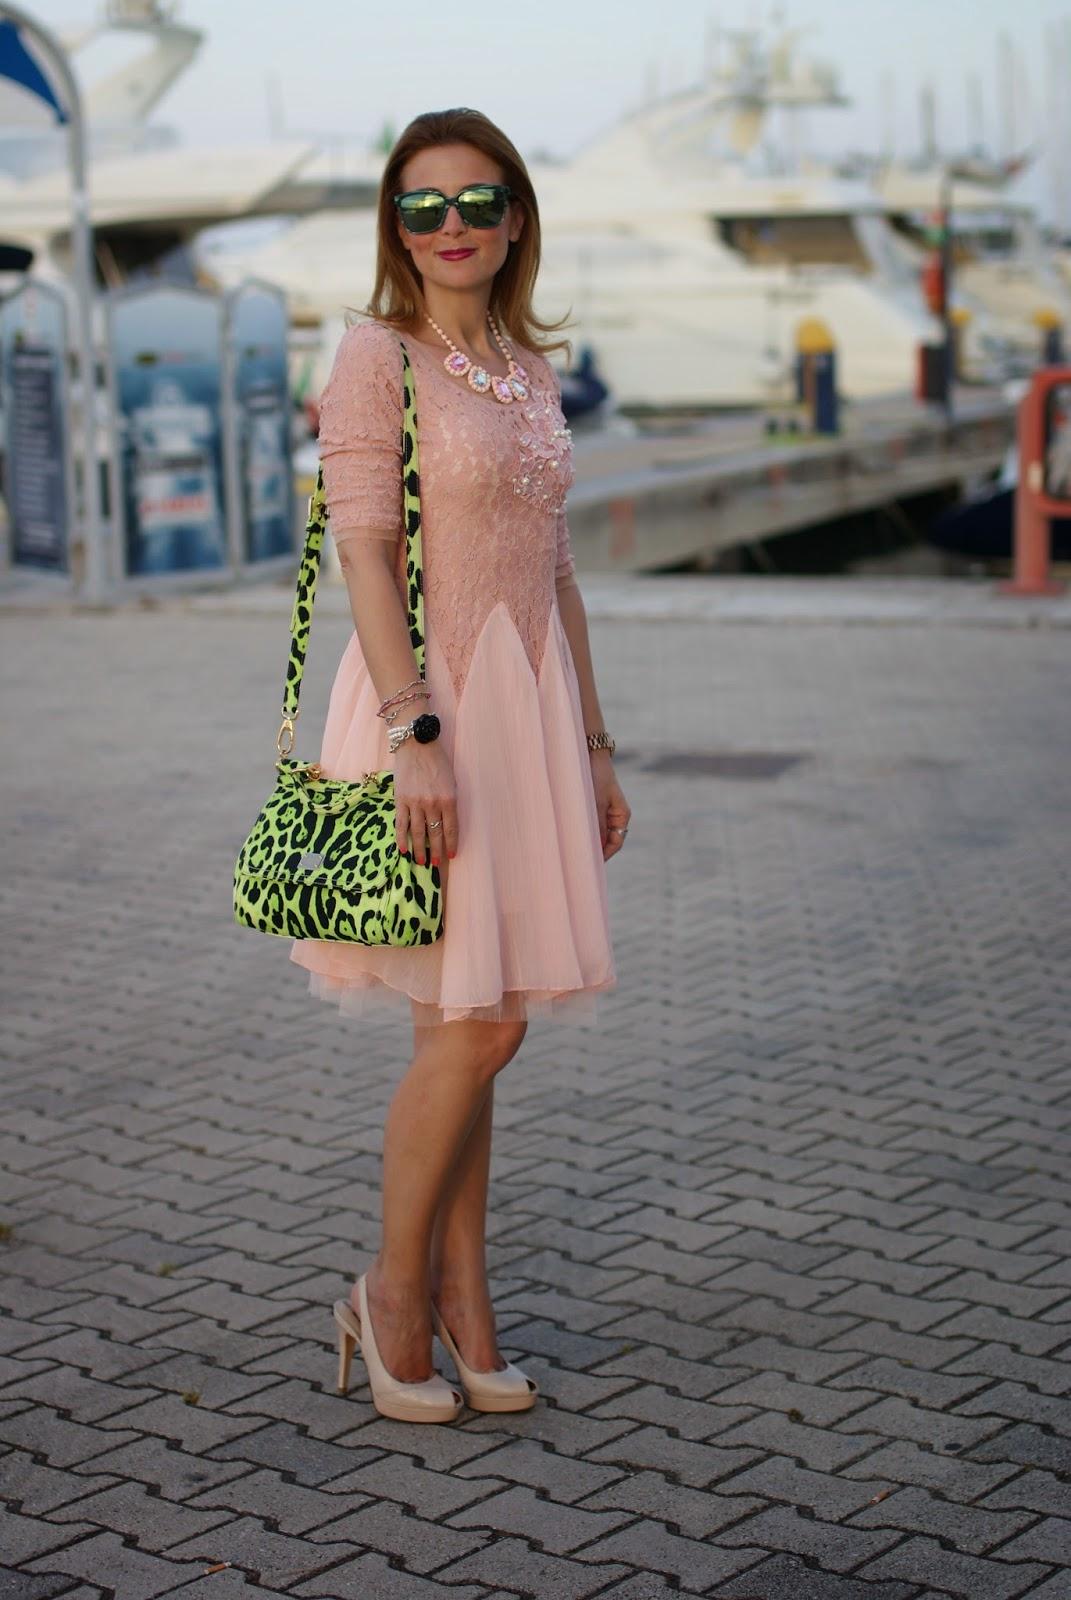 DressFashion Pink Bloglovin' And Ballerina Cookies wNOkX8n0P